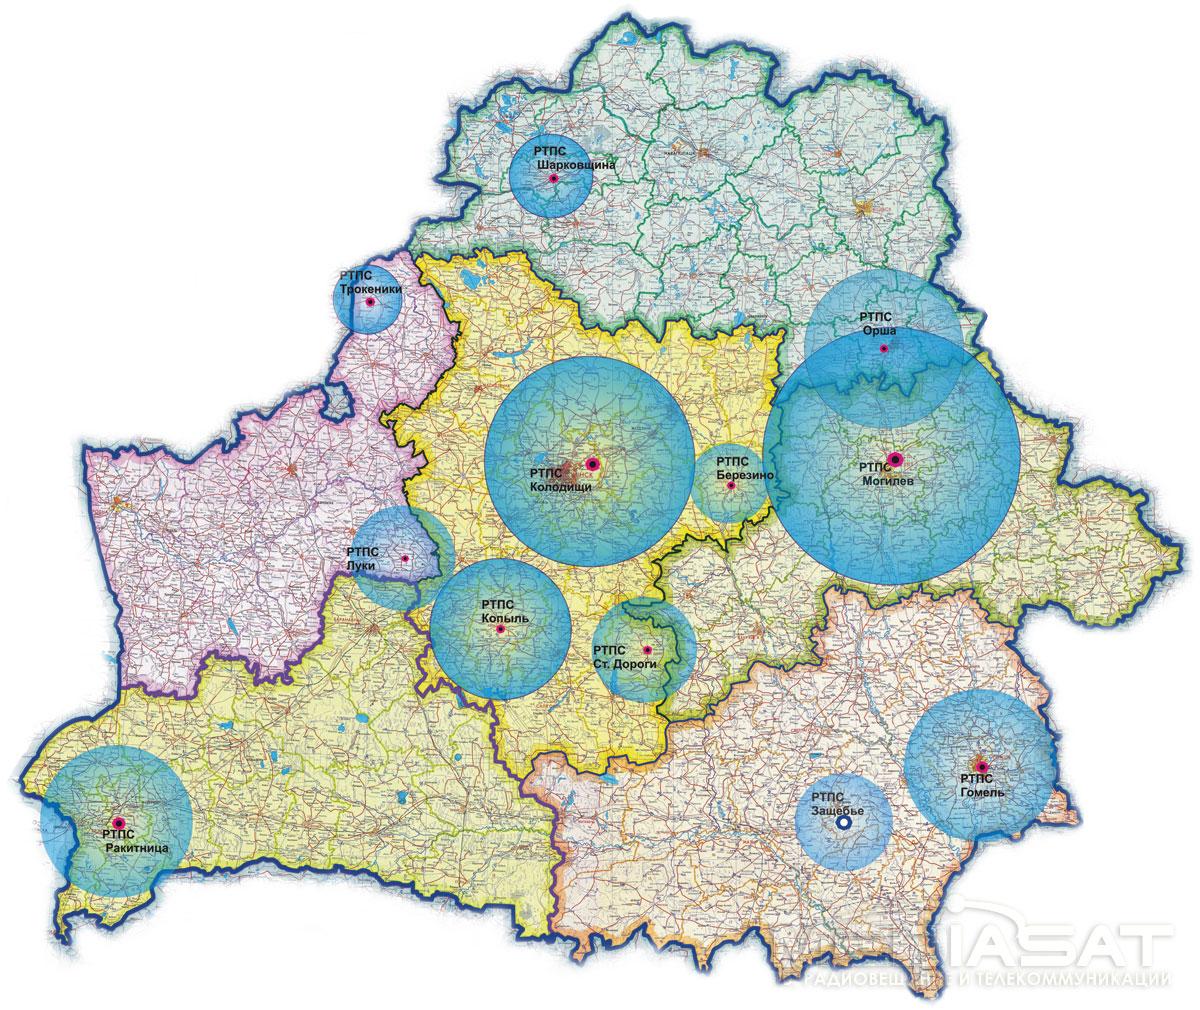 Зона охвата территории Республики Беларусь цифровым вещанием стандарта DVB-T. По состоянию на 23.06.2009